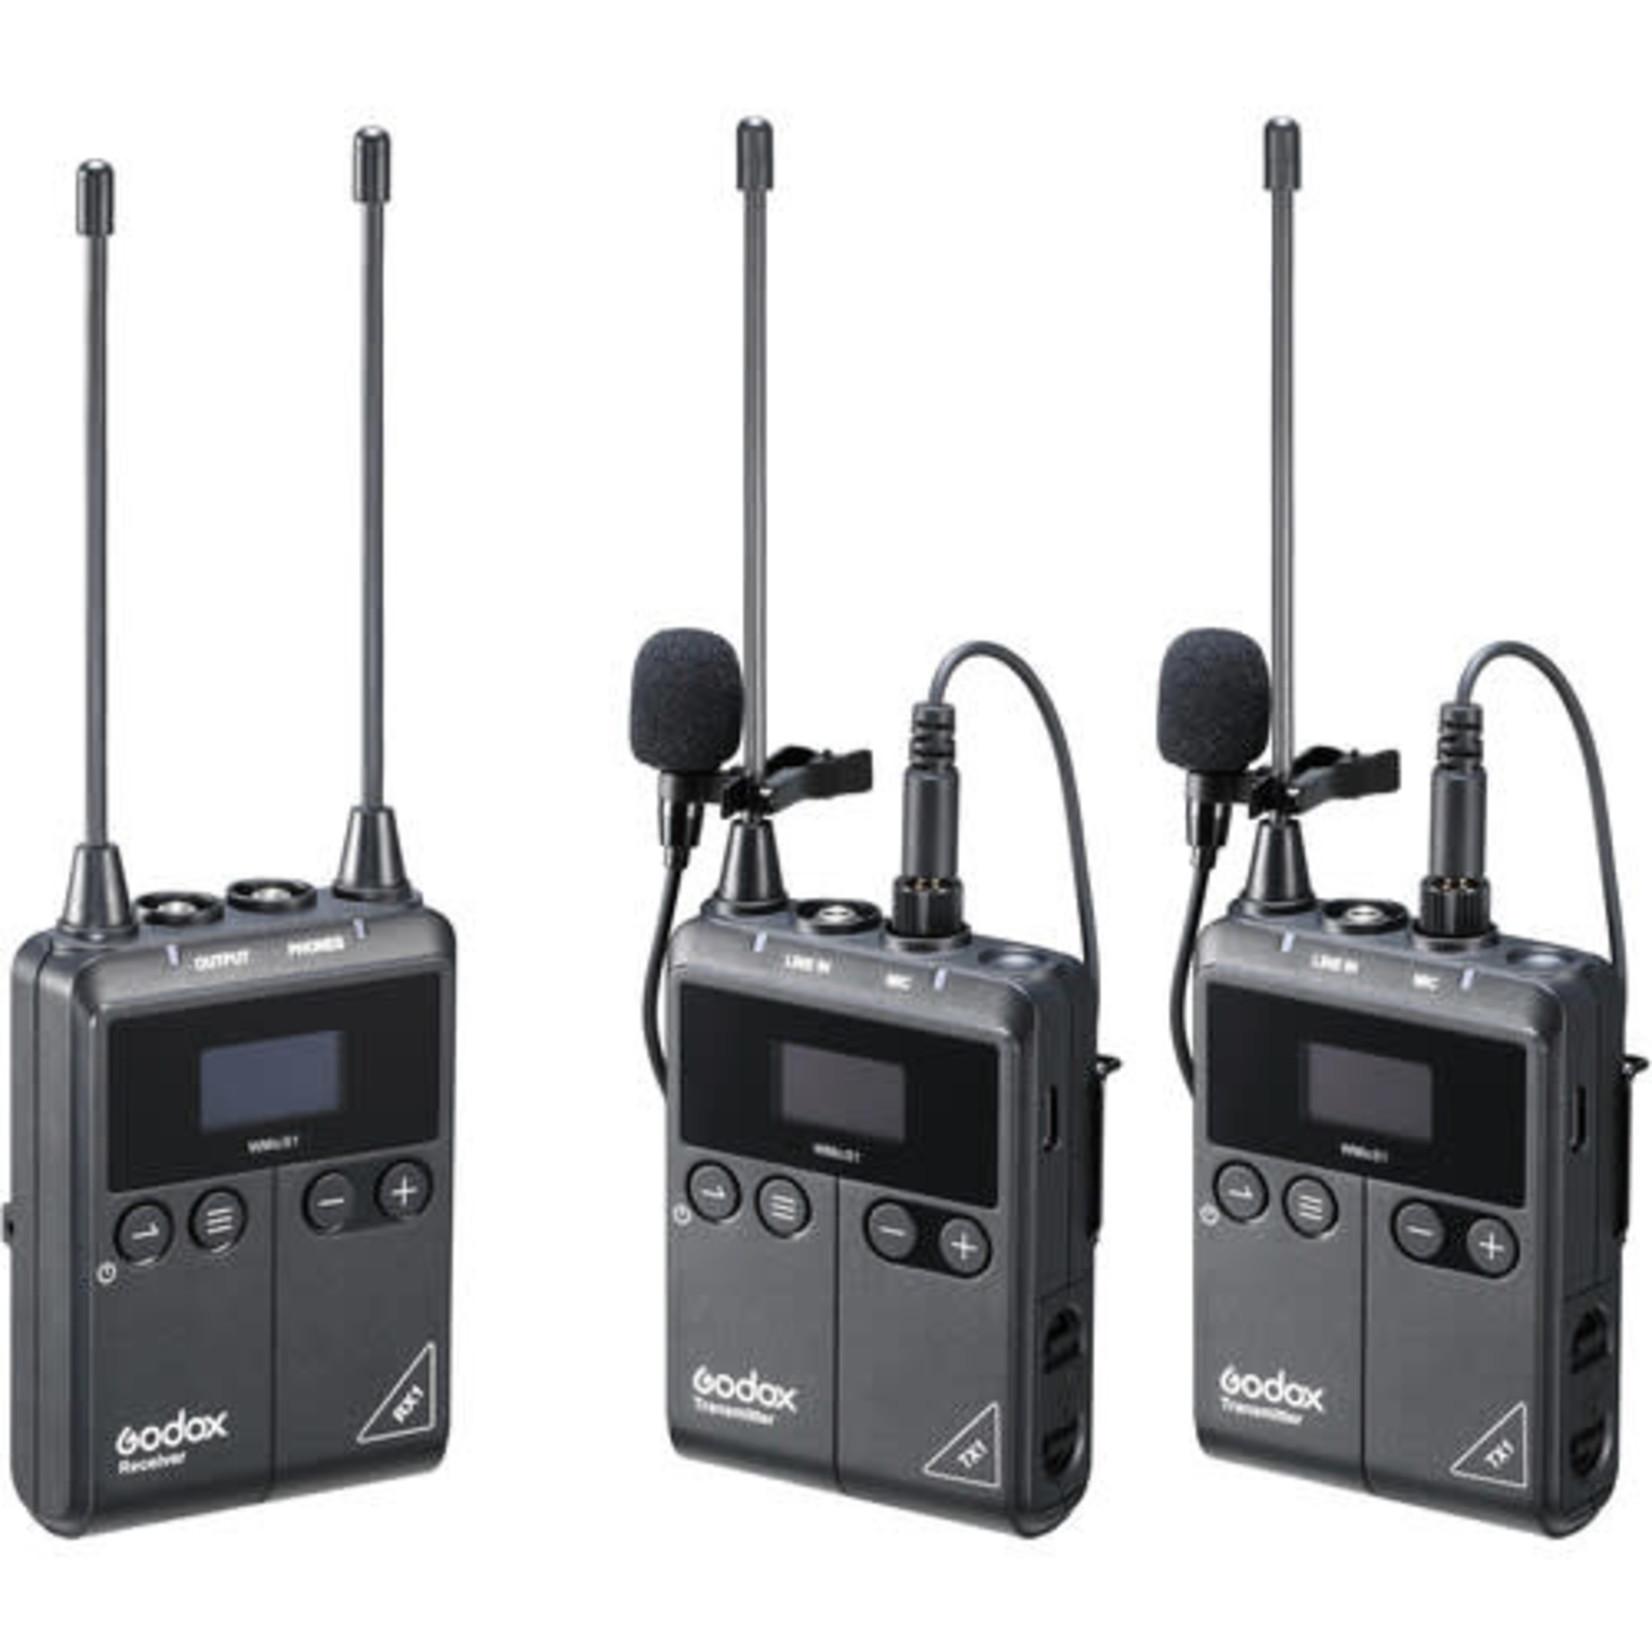 Godox Godox WmicS1 UHF Wireless Microphone System Kit 2